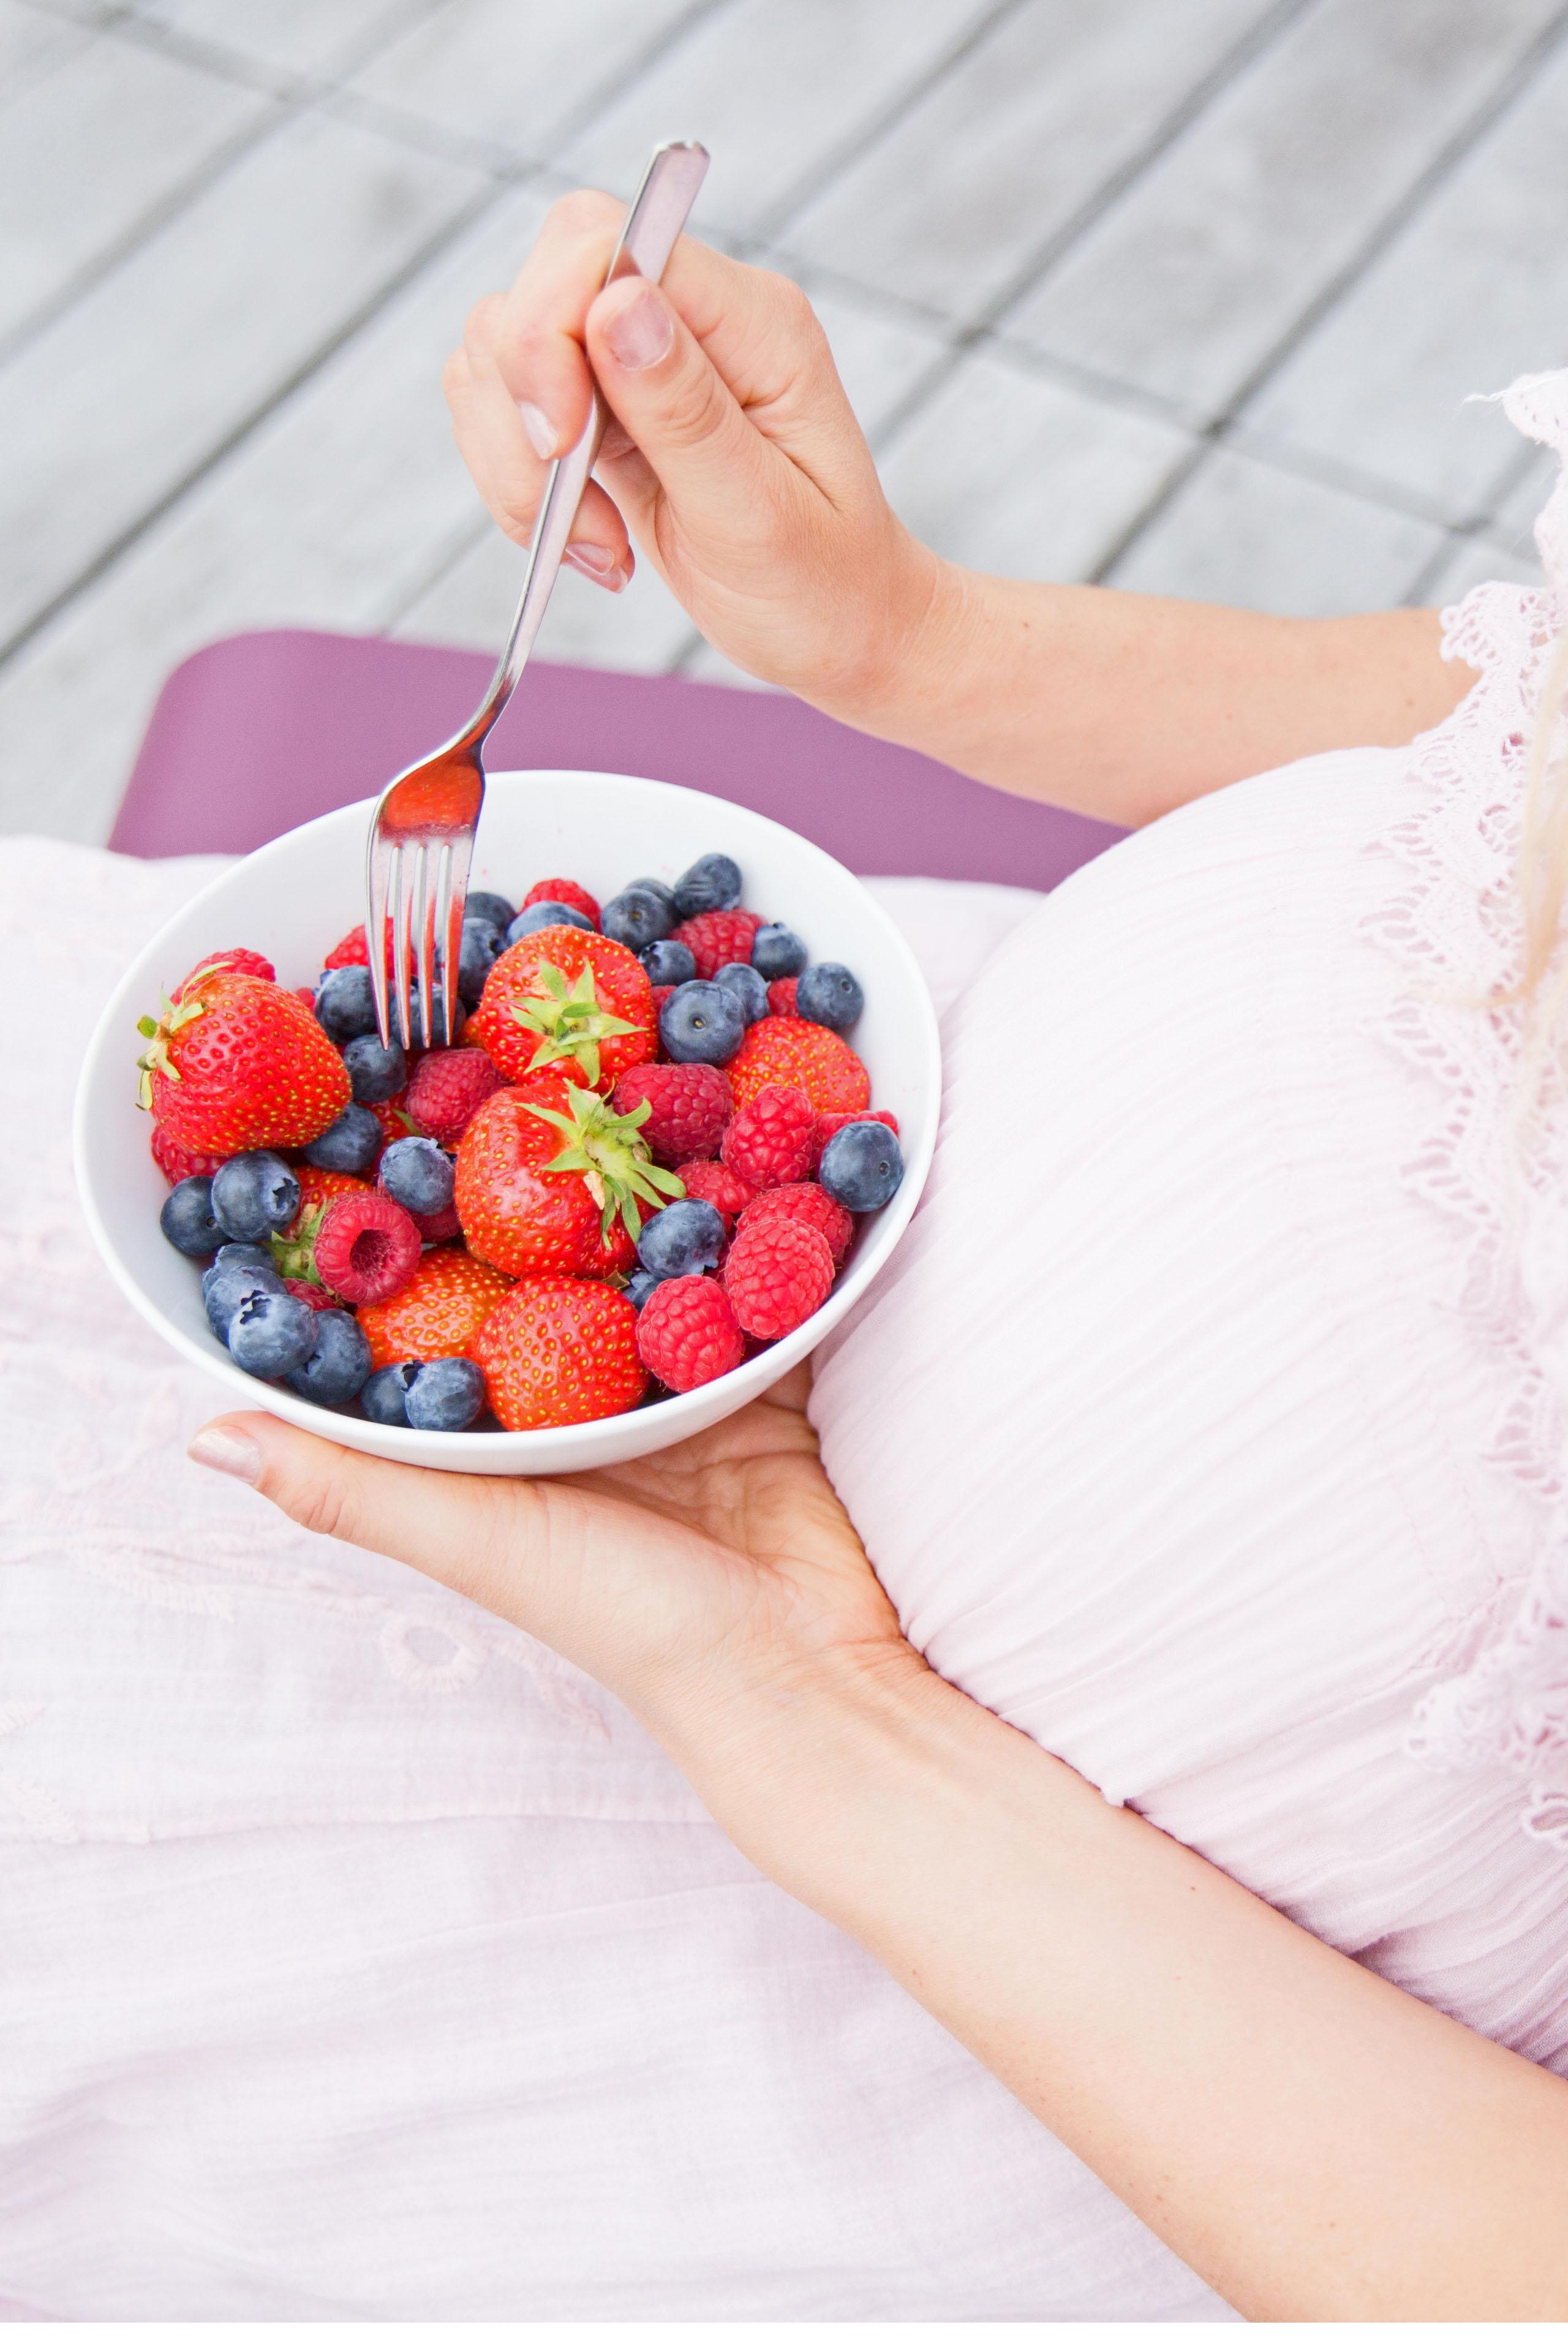 Sommerzeit ist Beerenzeit. Die leckeren Früchte enthalten viele wertvolle Vitamine.